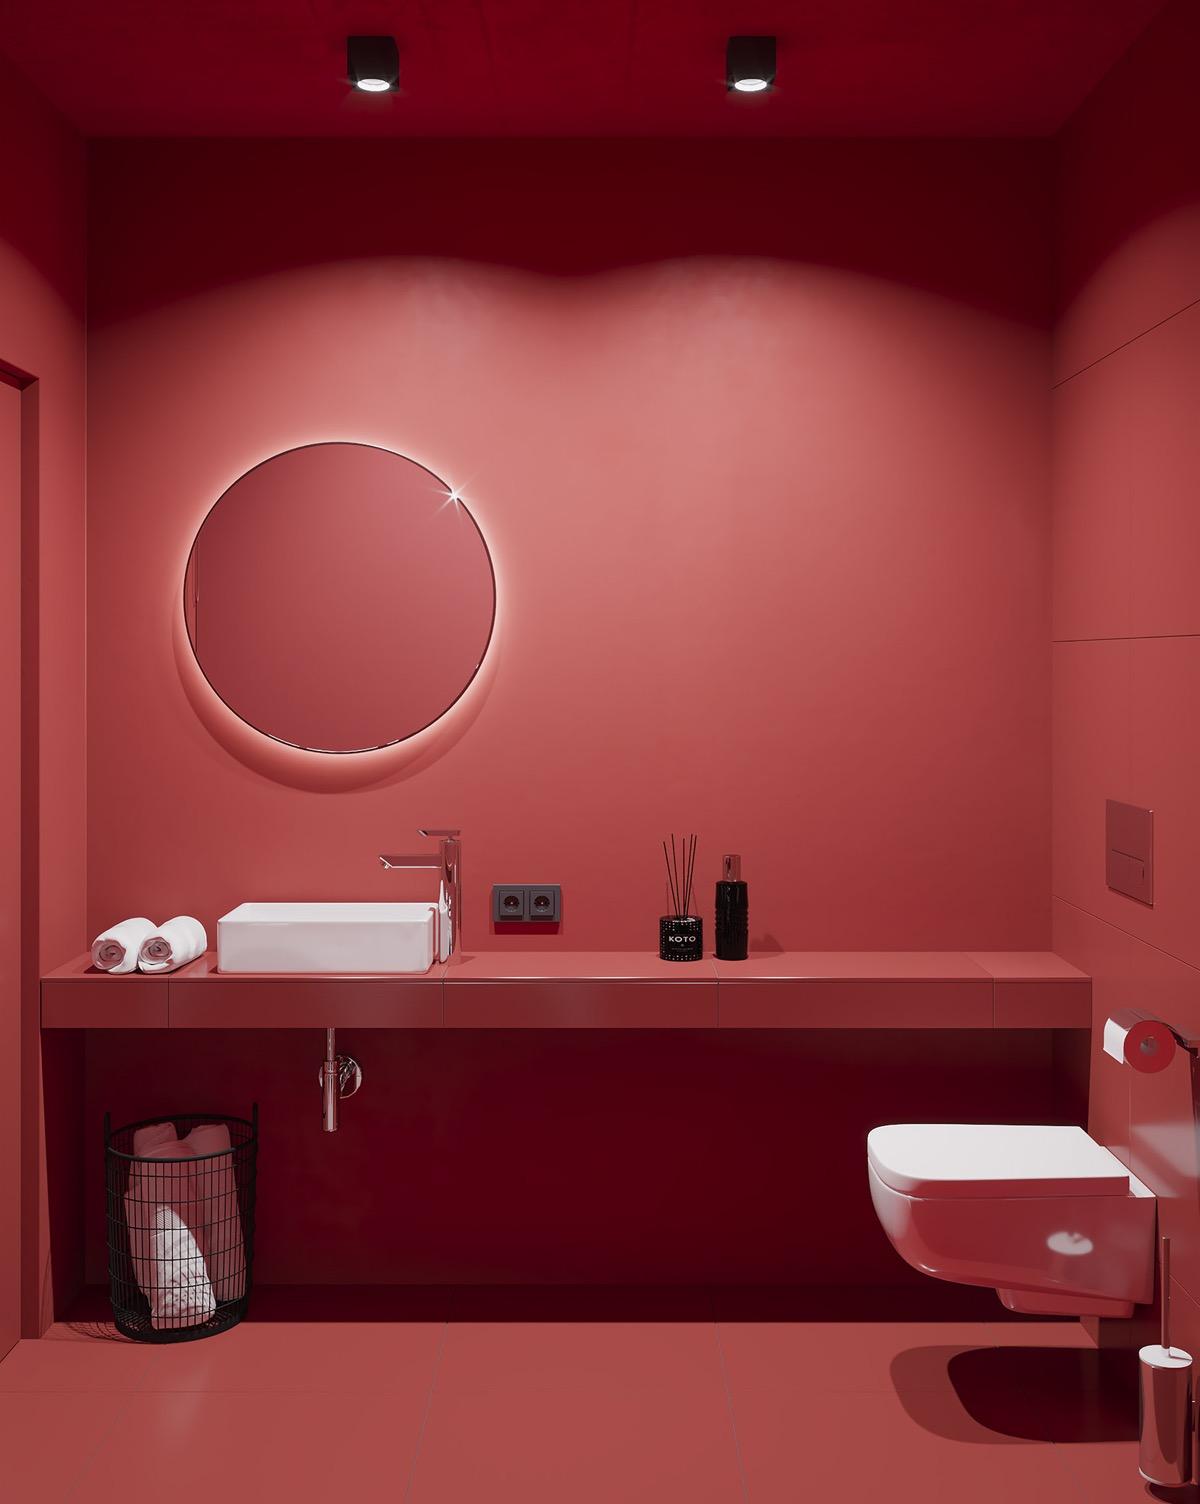 red-bathroom-vanity-600x752.jpg